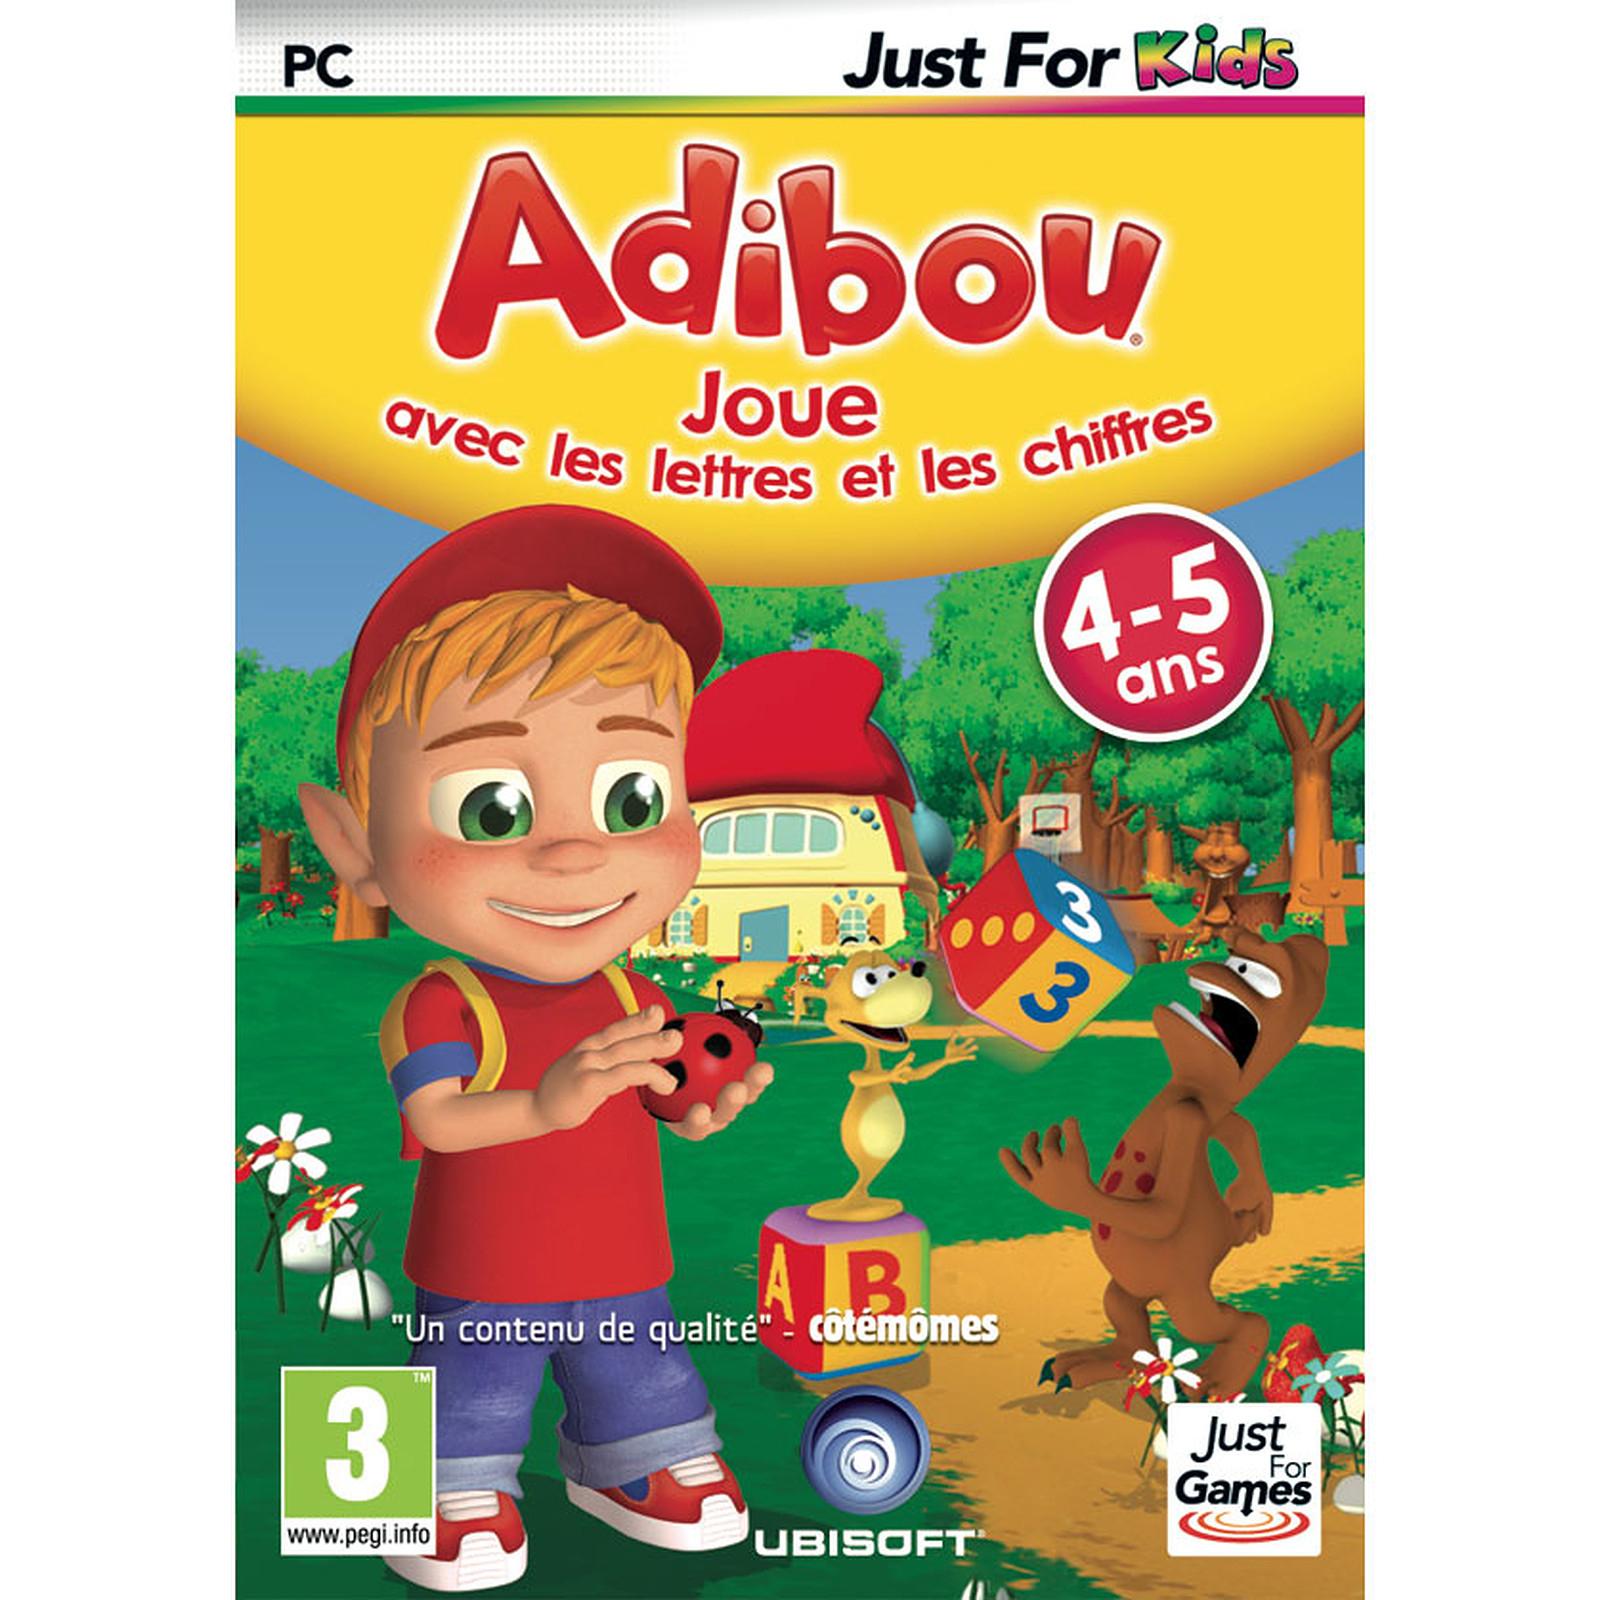 Adibou 4/5 Ans Joue Avec Les Chiffres Et Les Lettres (Pc serapportantà Jeux Adibou Pc